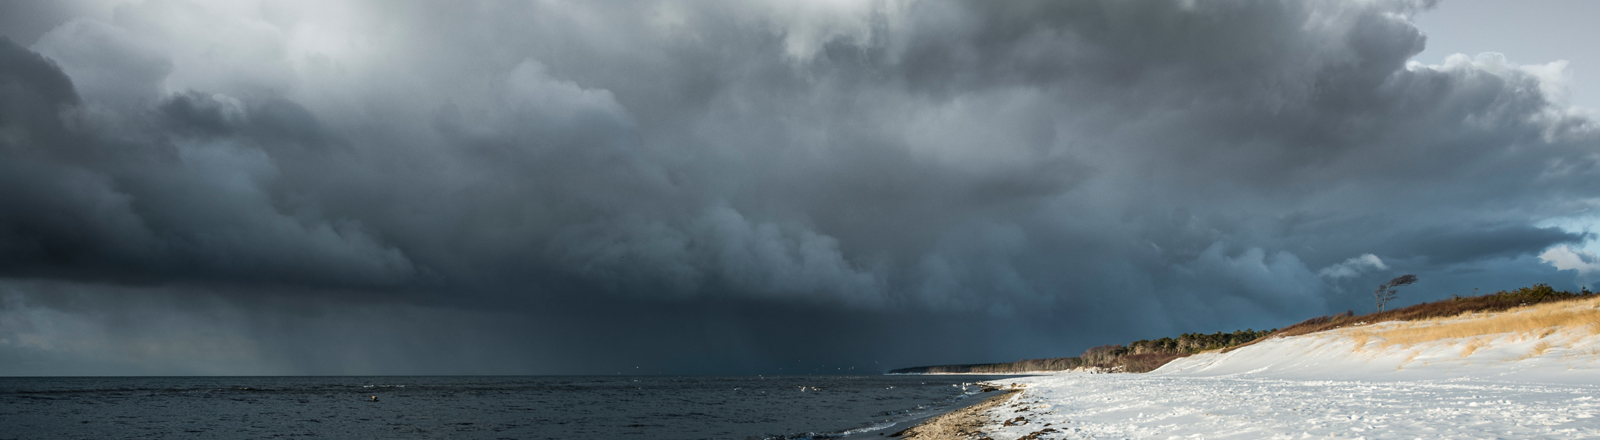 Eine Gewitterfront zieht am Winterhimmel auf.